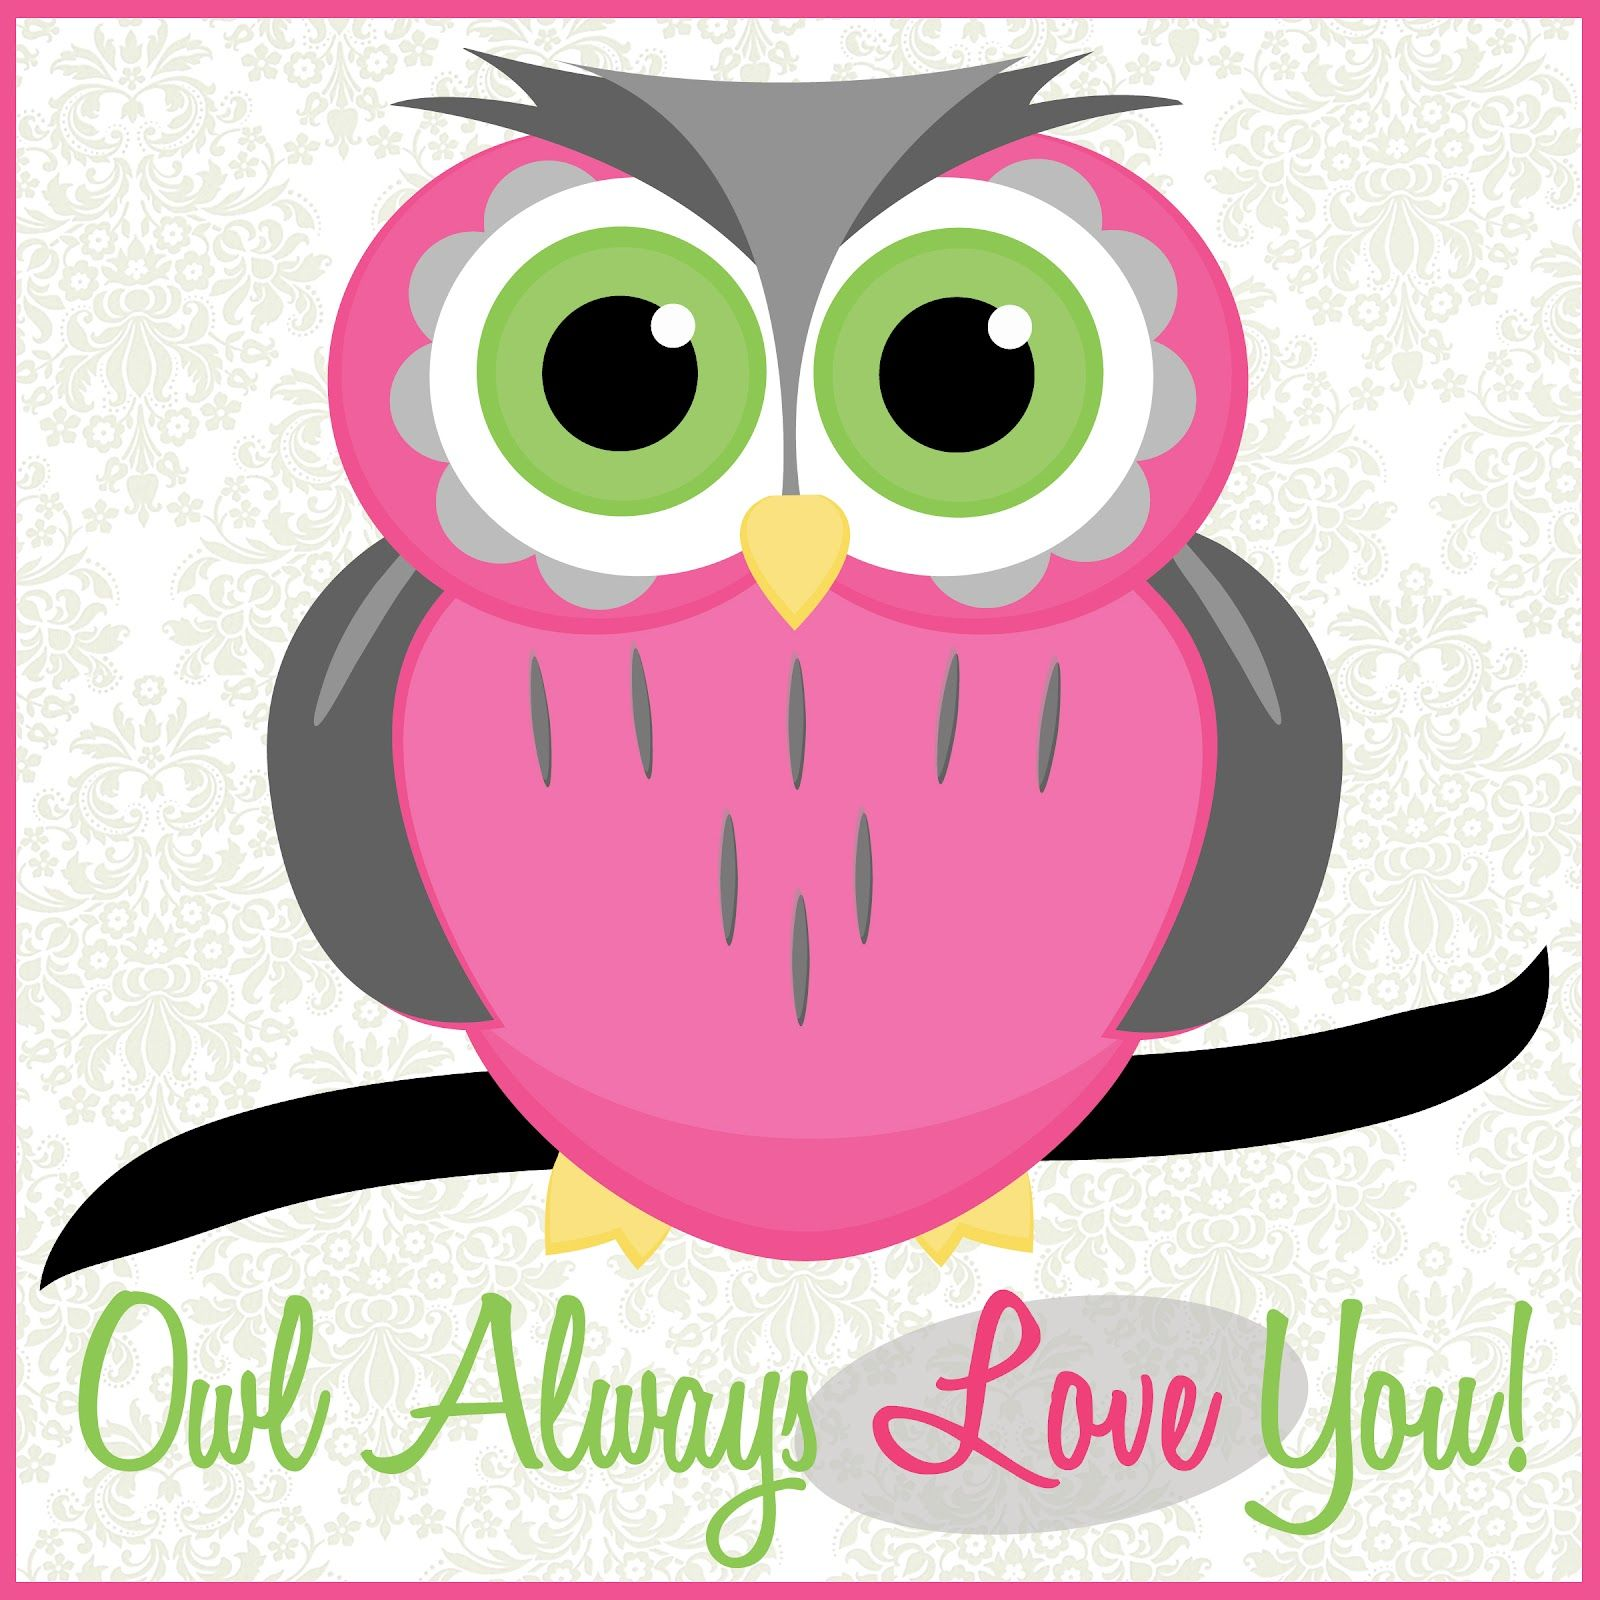 Cartoon Owl Wallpaper-14nz611 - Kartun Owl Pink - HD Wallpaper